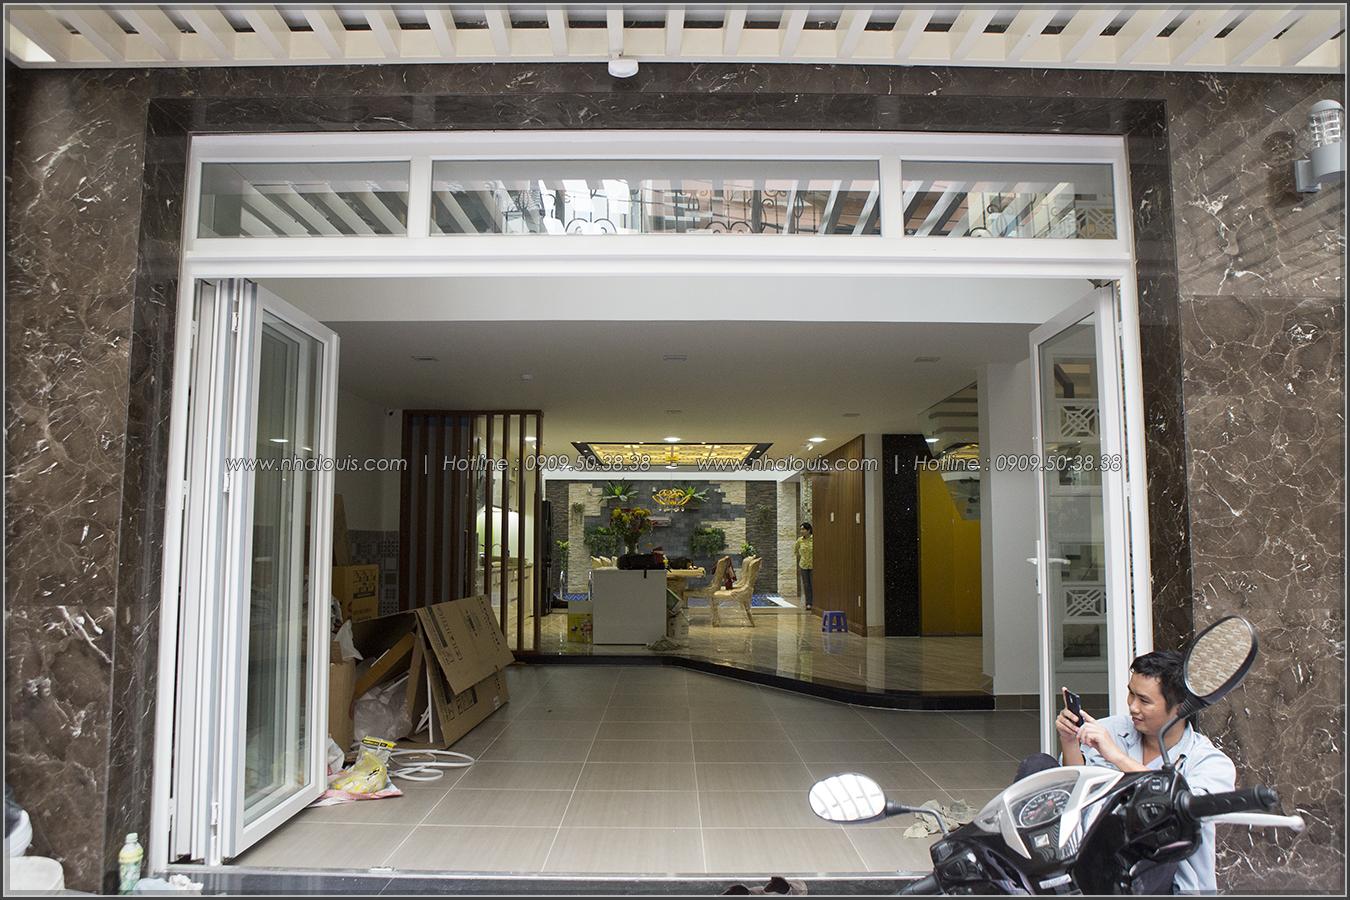 Thiết kế và thi công biệt thự phố đẹp với hồ bơi xanh mát tại Tân Bình - 02